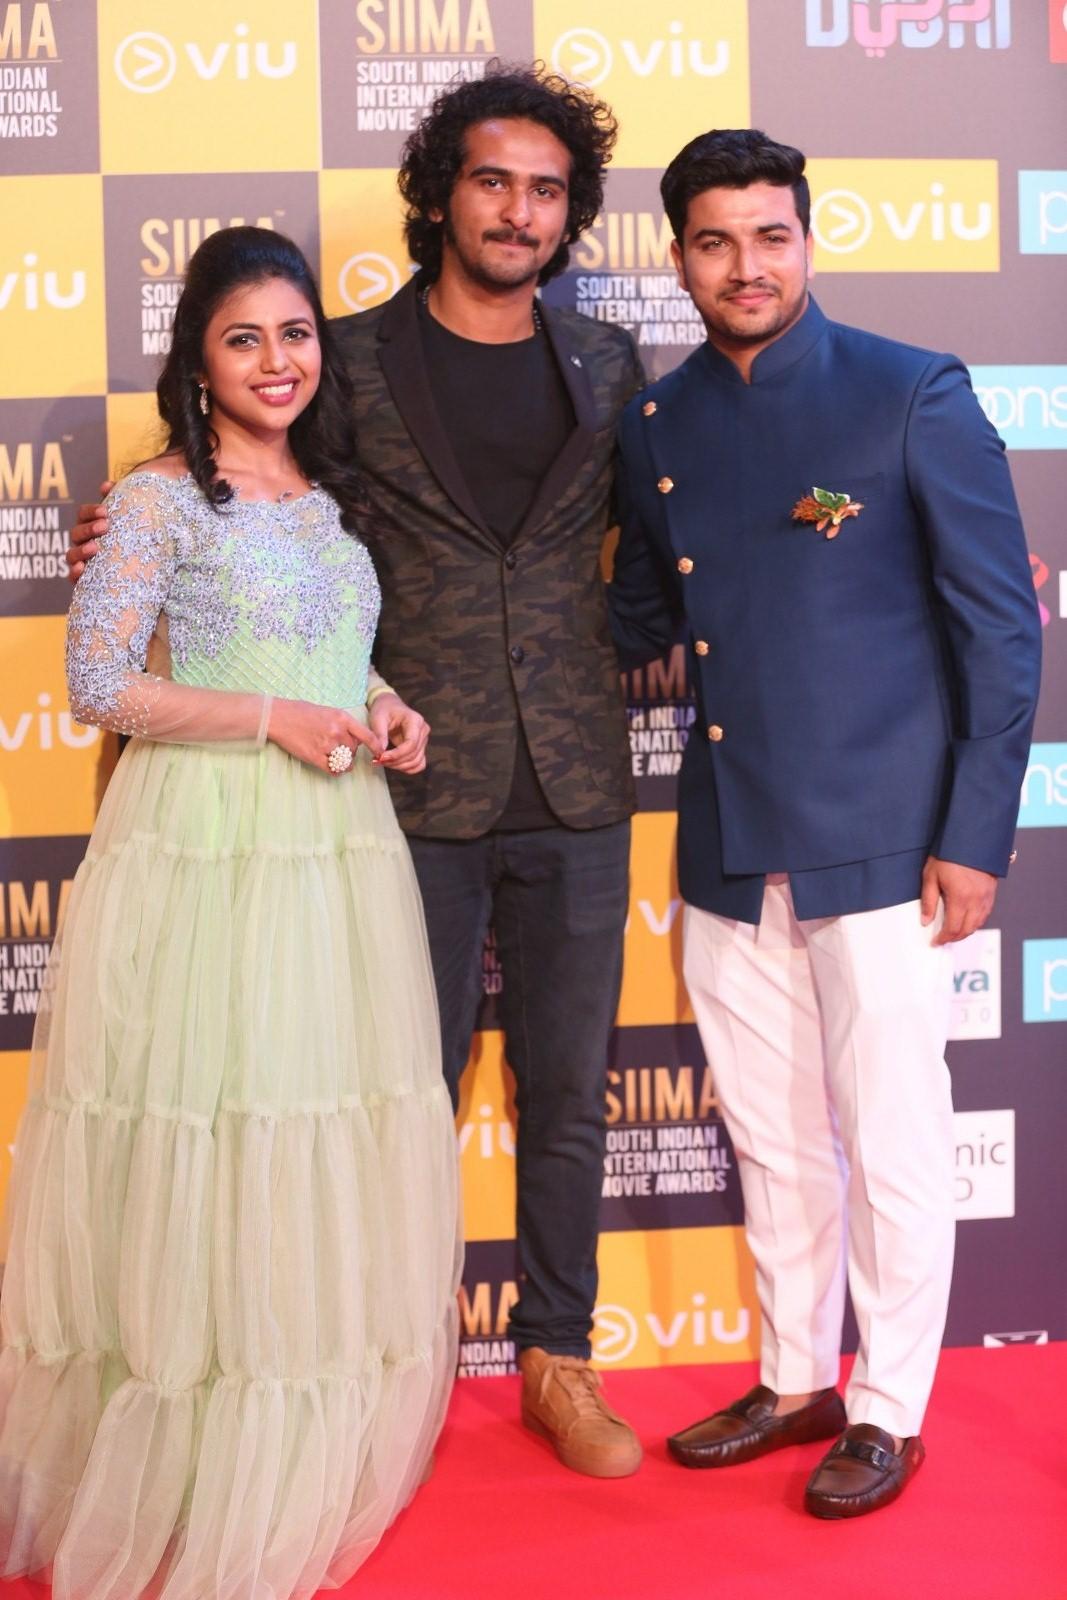 Celebrities At Siima Awards 2018 Photos Set 2 Teluguodu